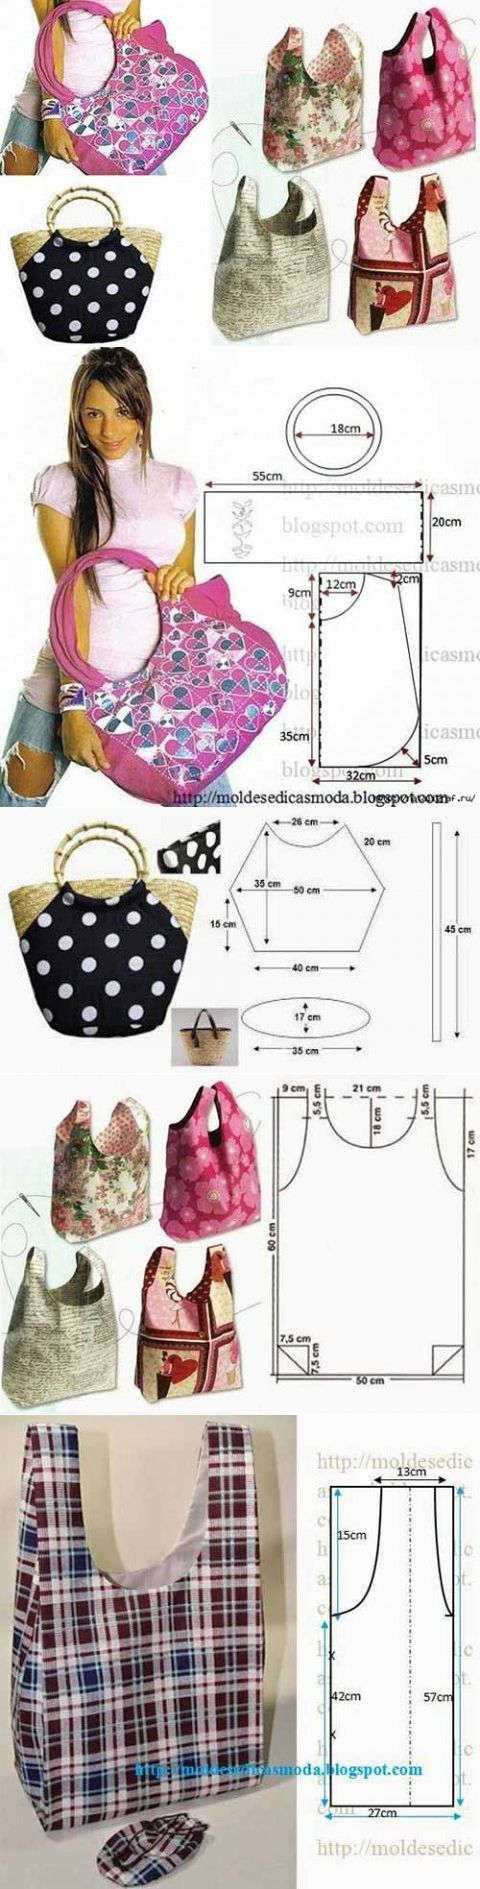 сумки | Me encantas, Encanta y Bolsos